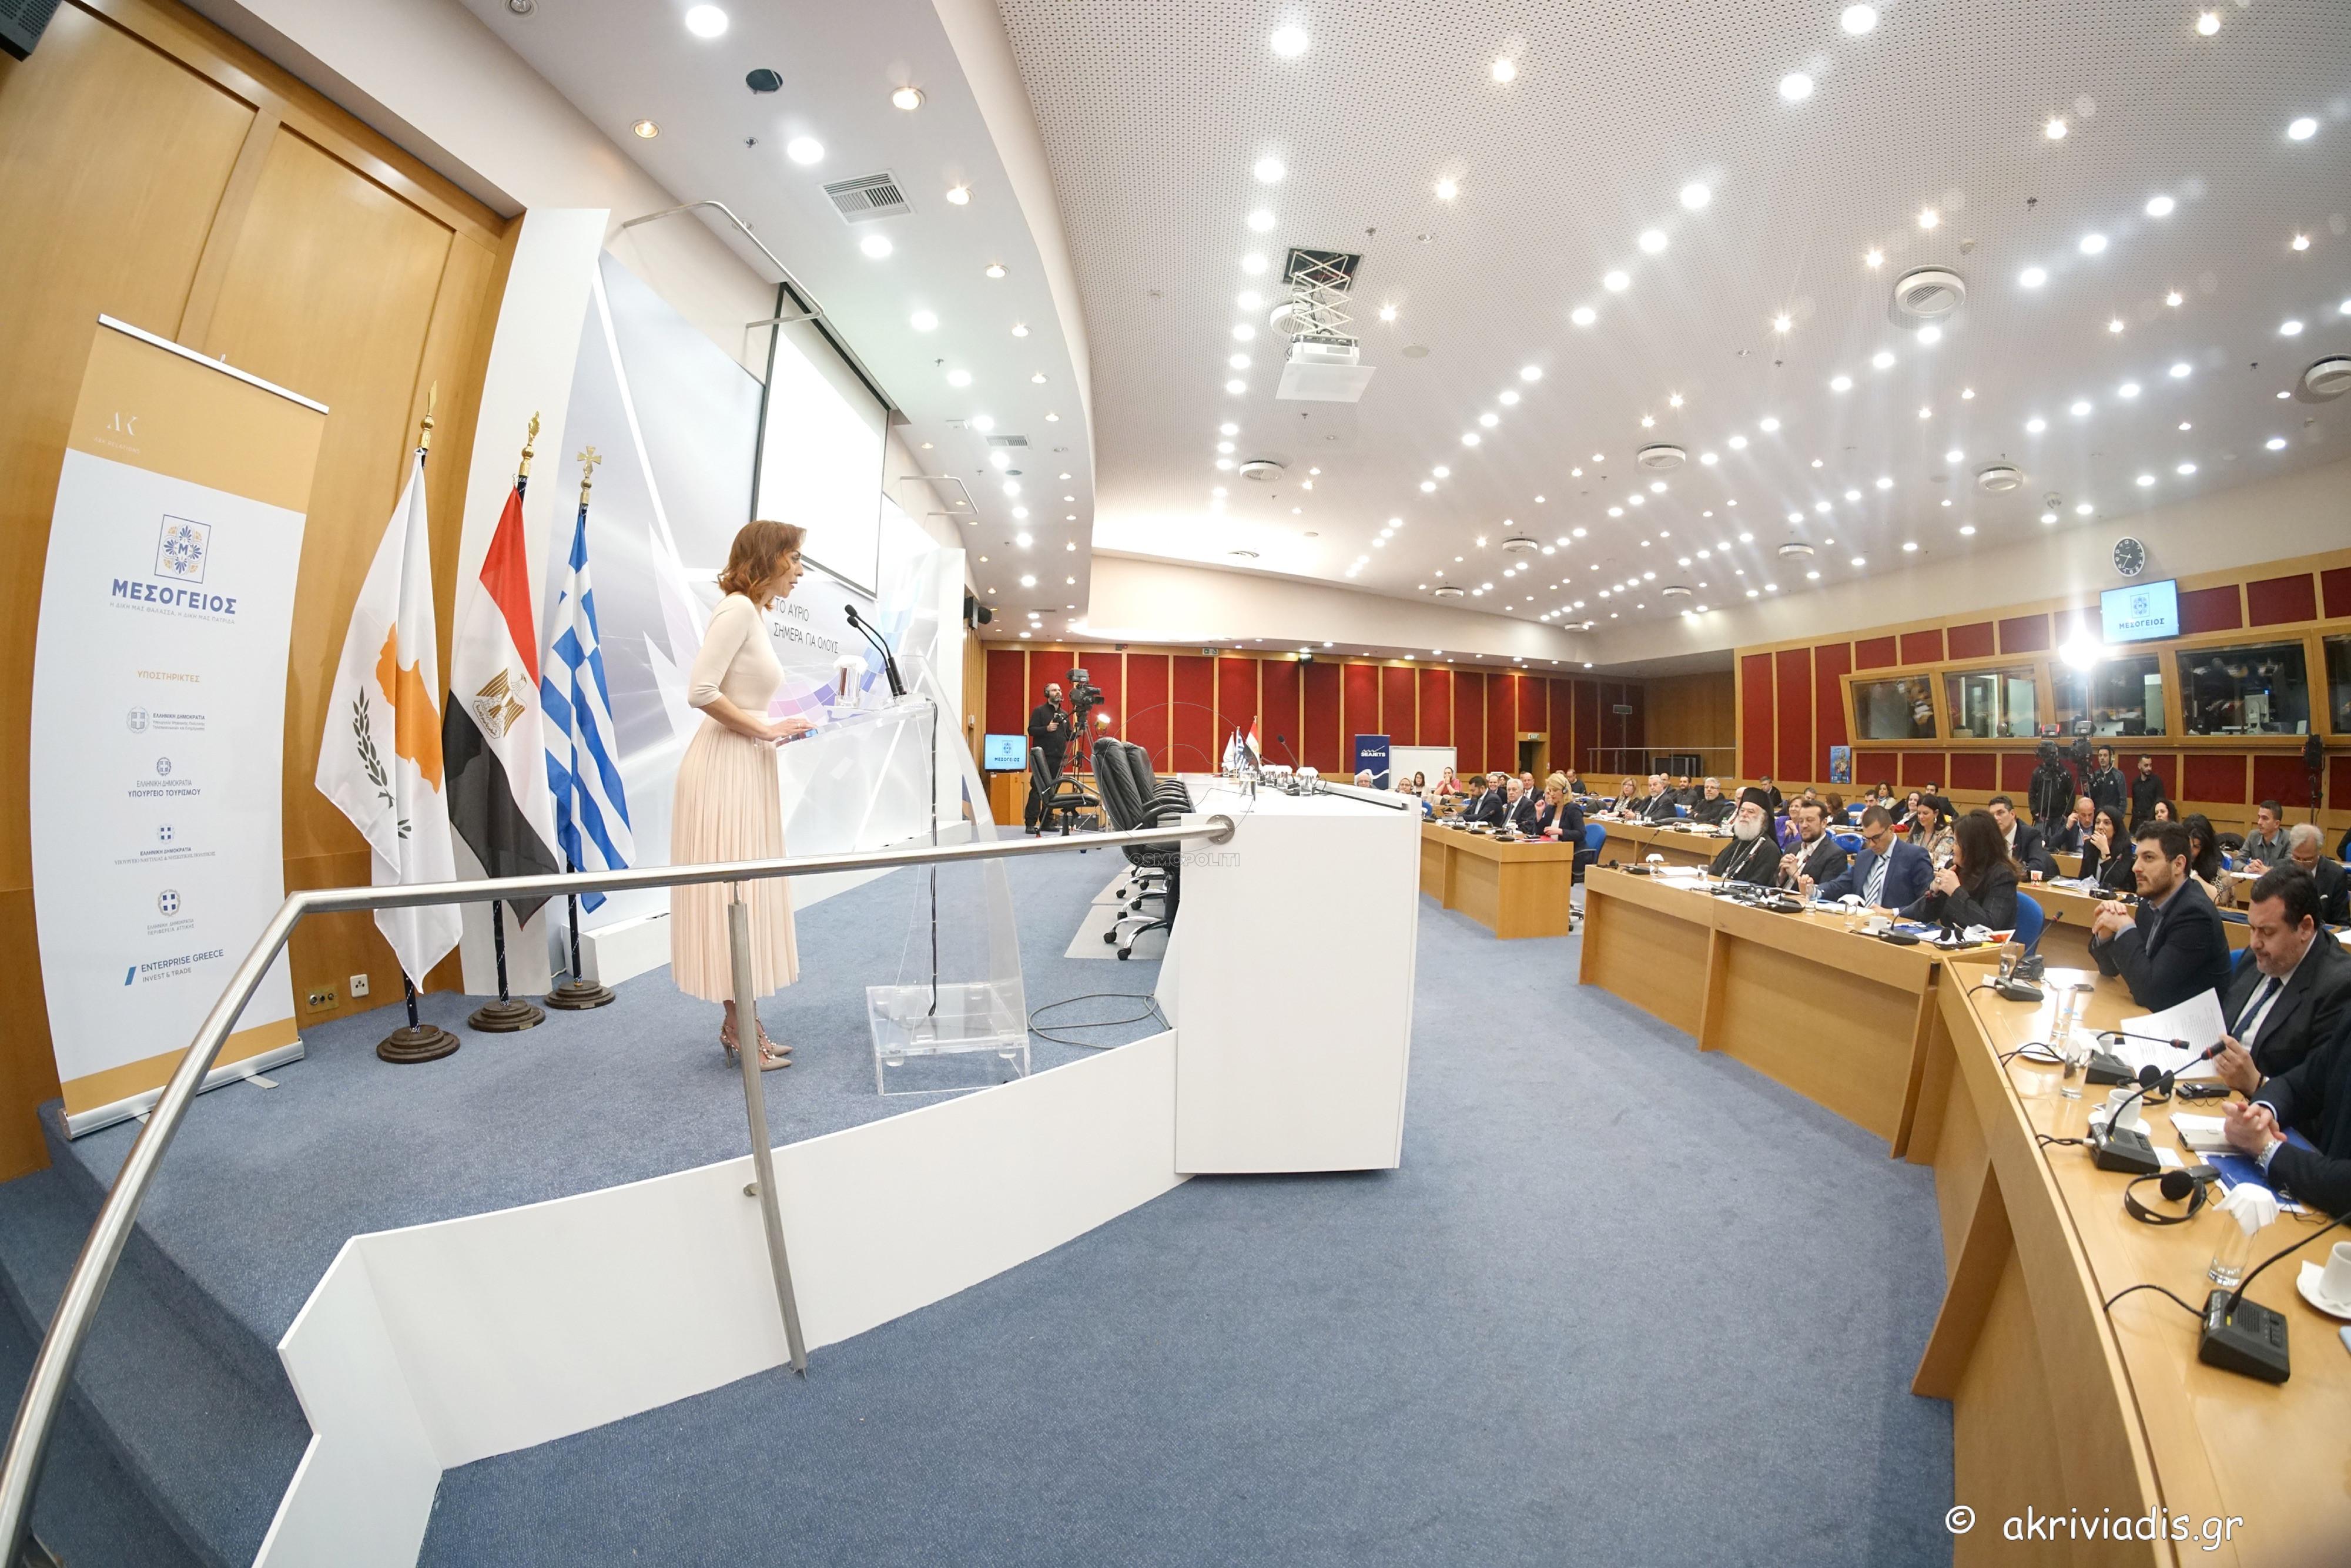 Συνέδριο με θέμα: «Μεσόγειος: Η Δική μας θάλασσα – Η Δική μας πατρίδα».  Αίθουσα Συνεδρίων του Υπουργείου Ψηφιακής Πολιτικής Τηλεπικοινωνιών και Ενημέρωσης,  13/04/2019